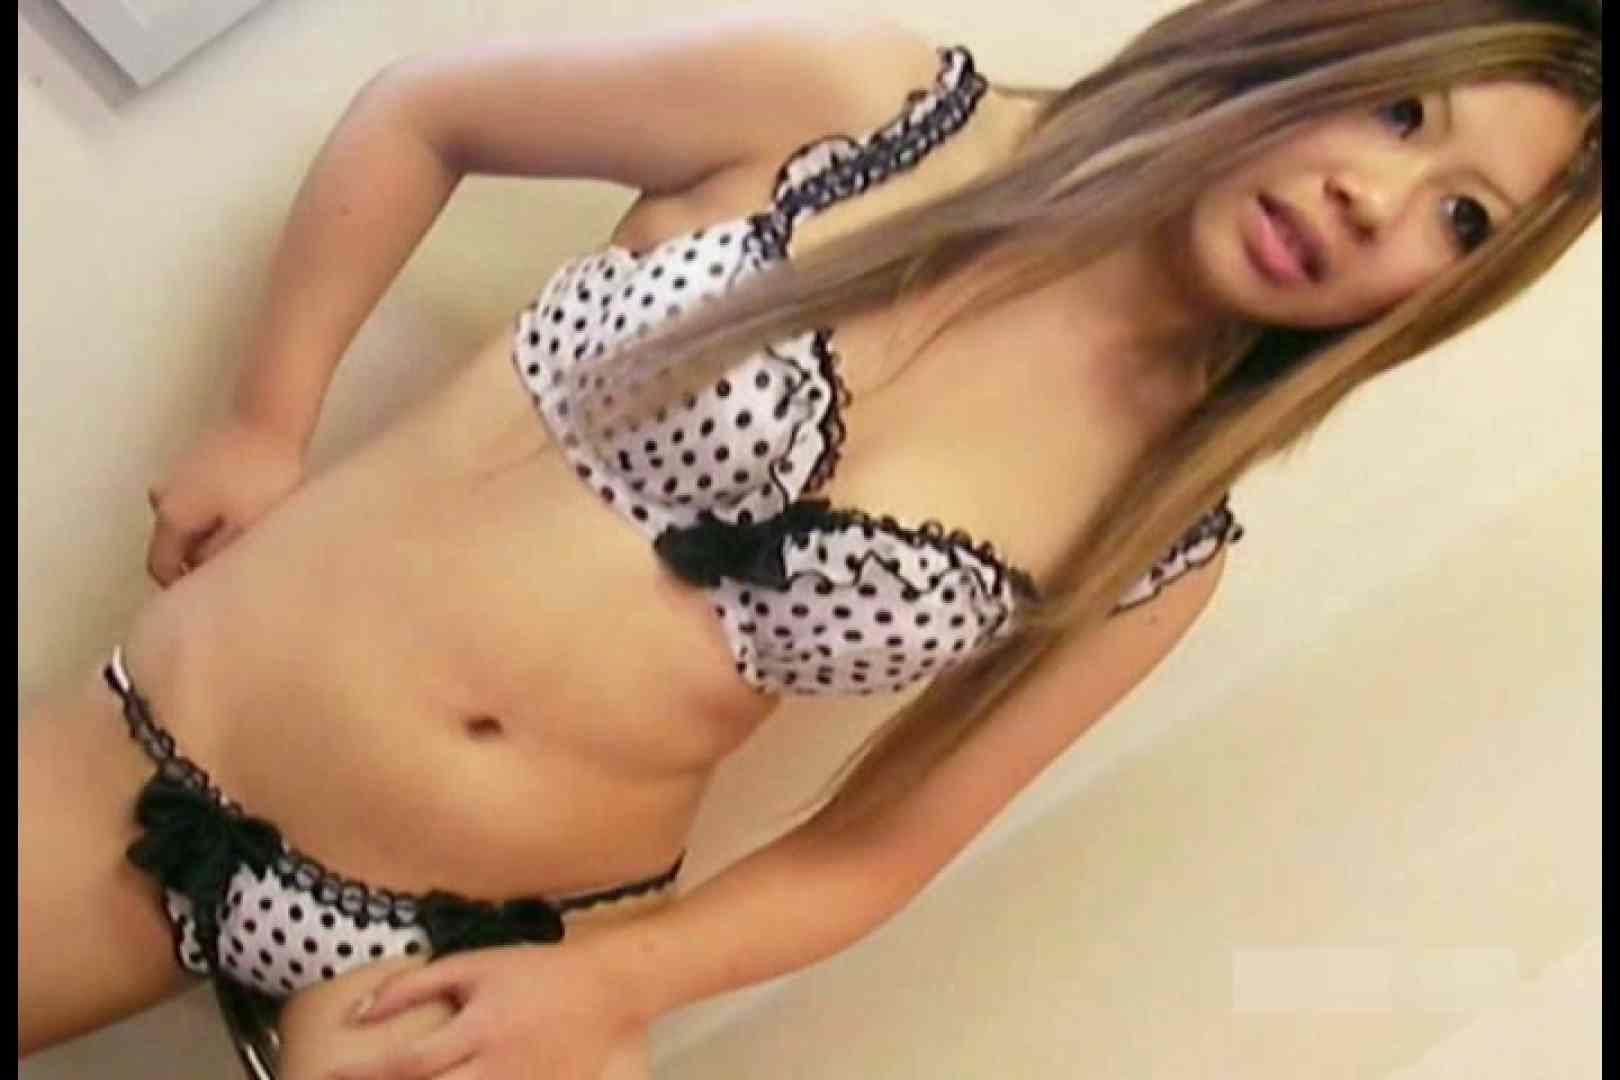 素人撮影 下着だけの撮影のはずが・・・幸子18歳 水着娘 | 独占盗撮  52連発 13